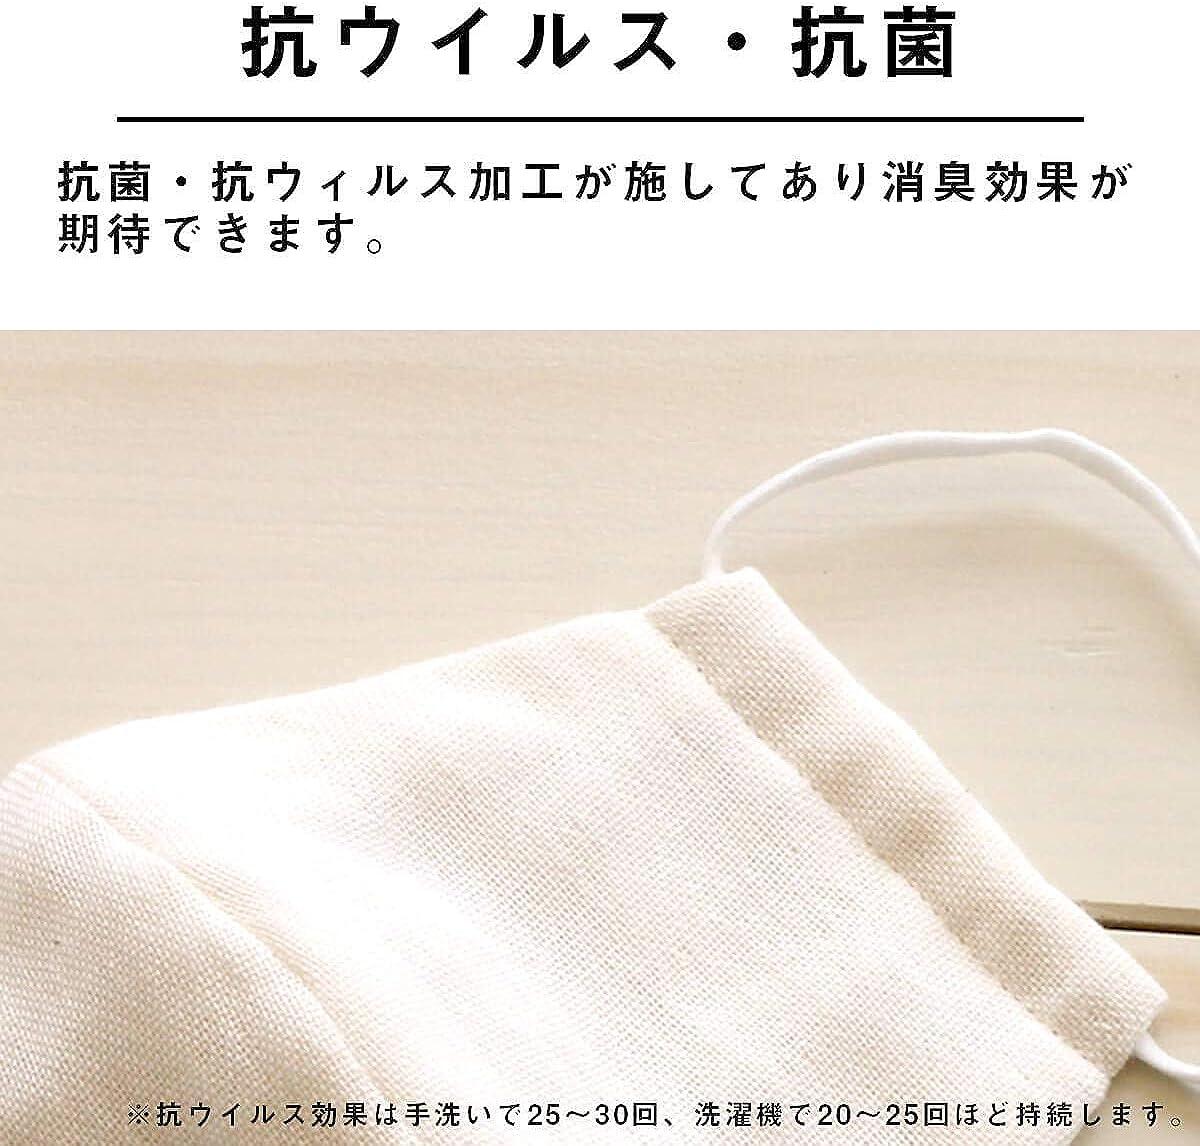 アマゾン マスク 今治 タオル hg.palaso.org: Miyazaki